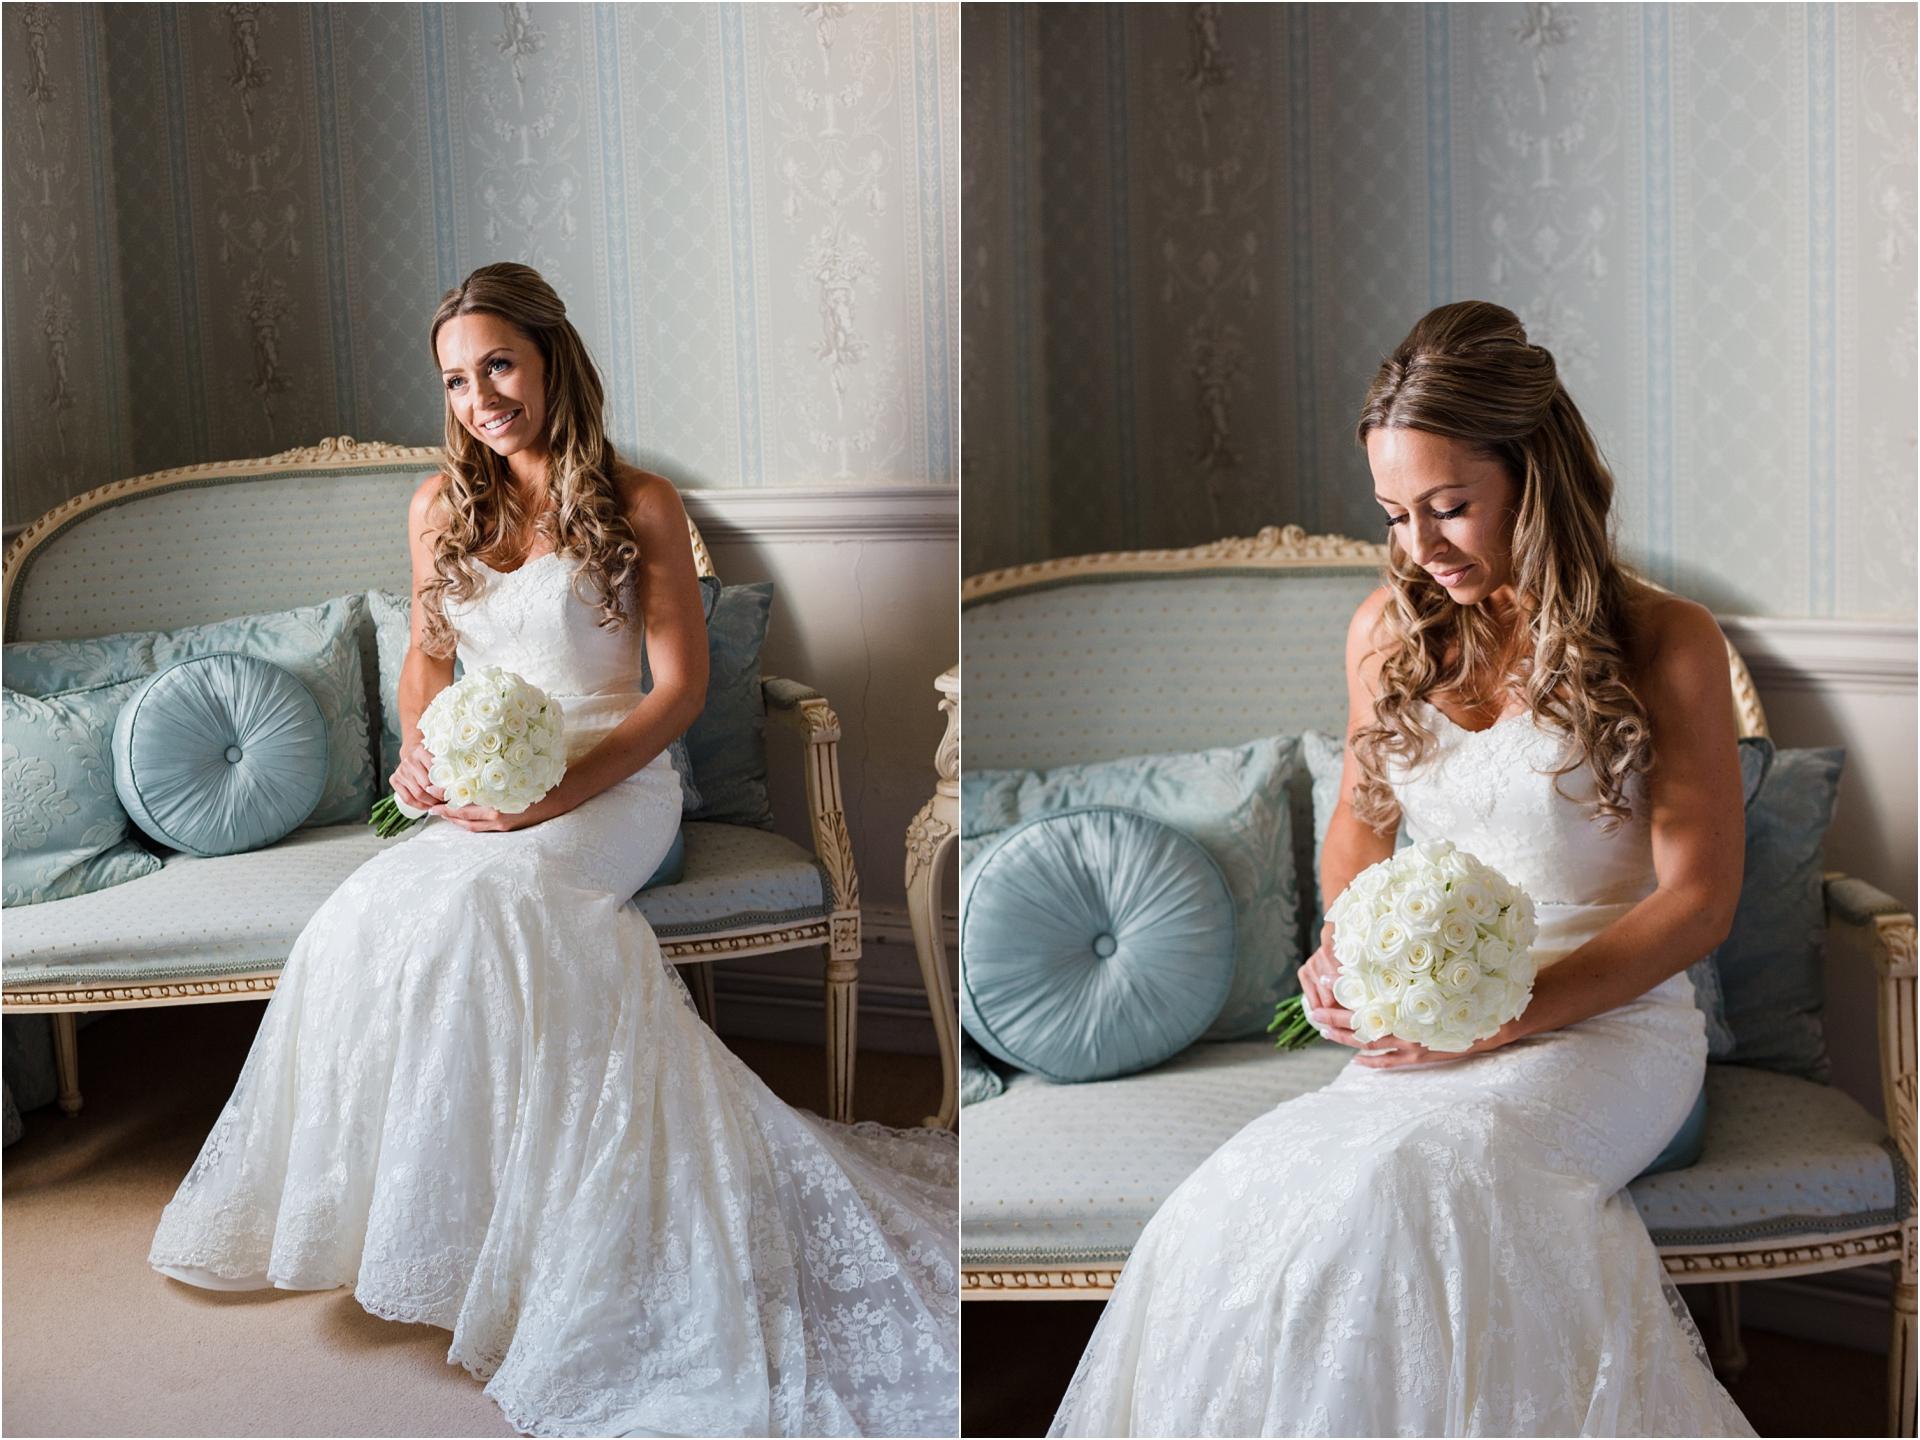 wedding-photography-norwood-park_0020